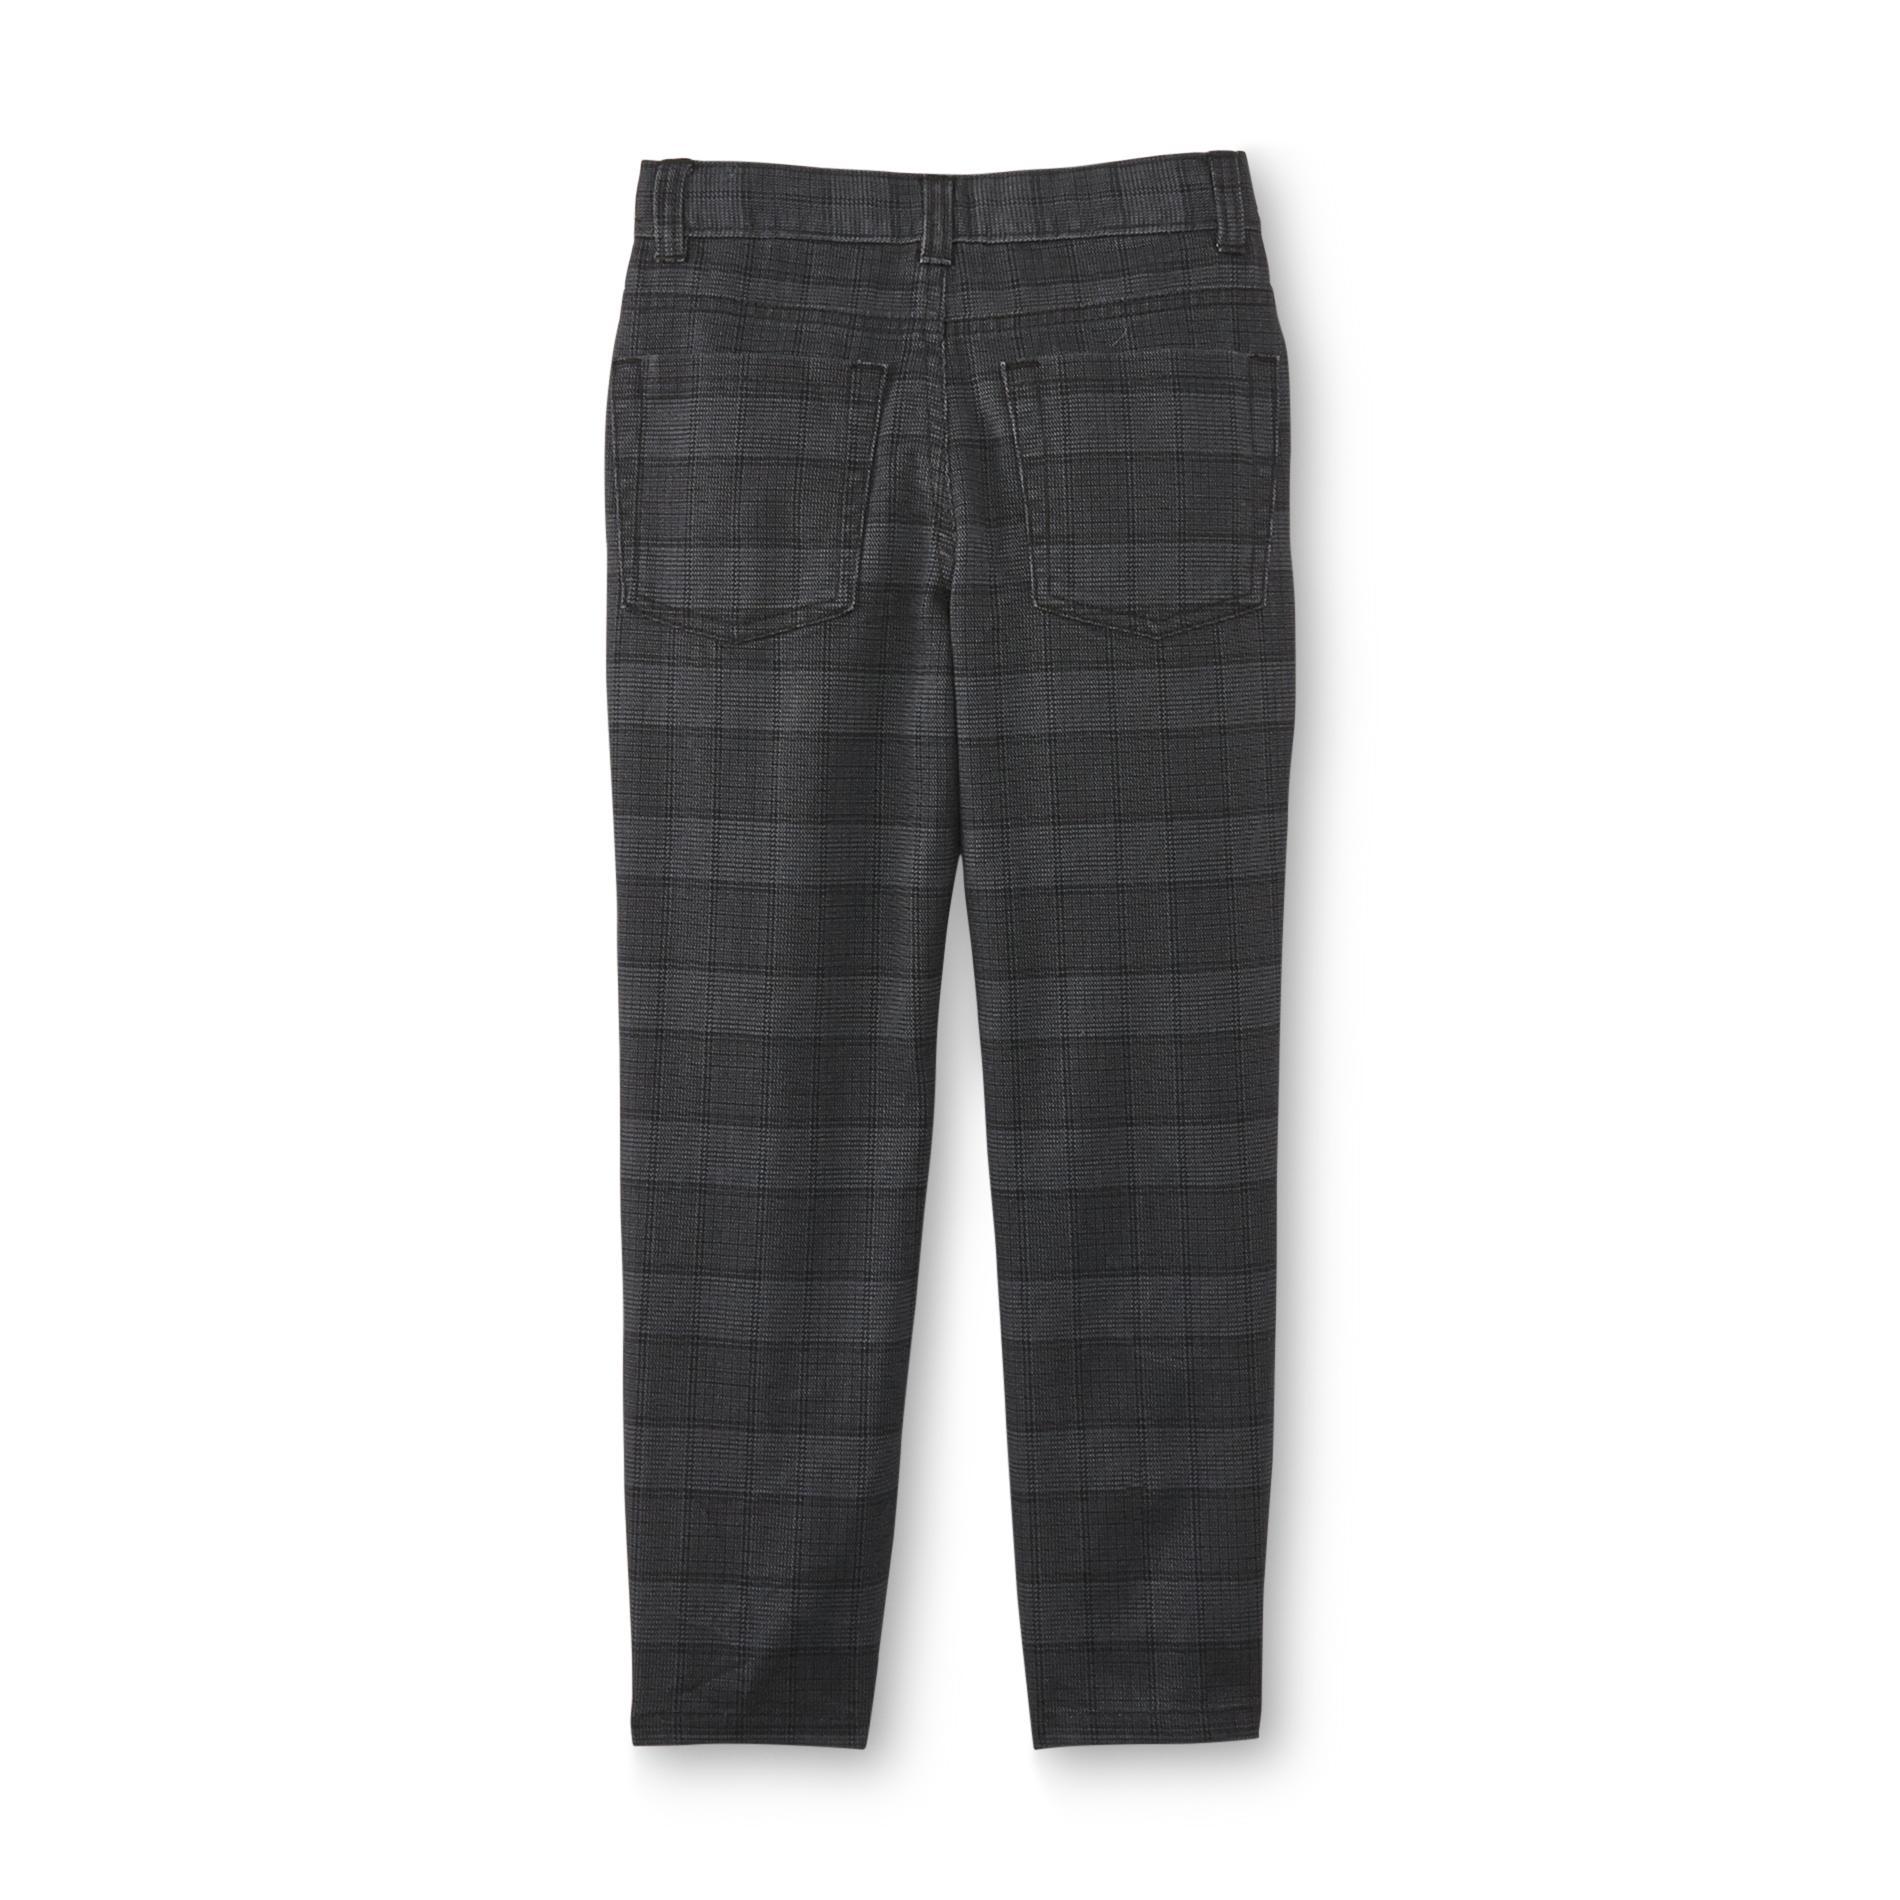 Toughskins Boy's Twill Pants - Plaid